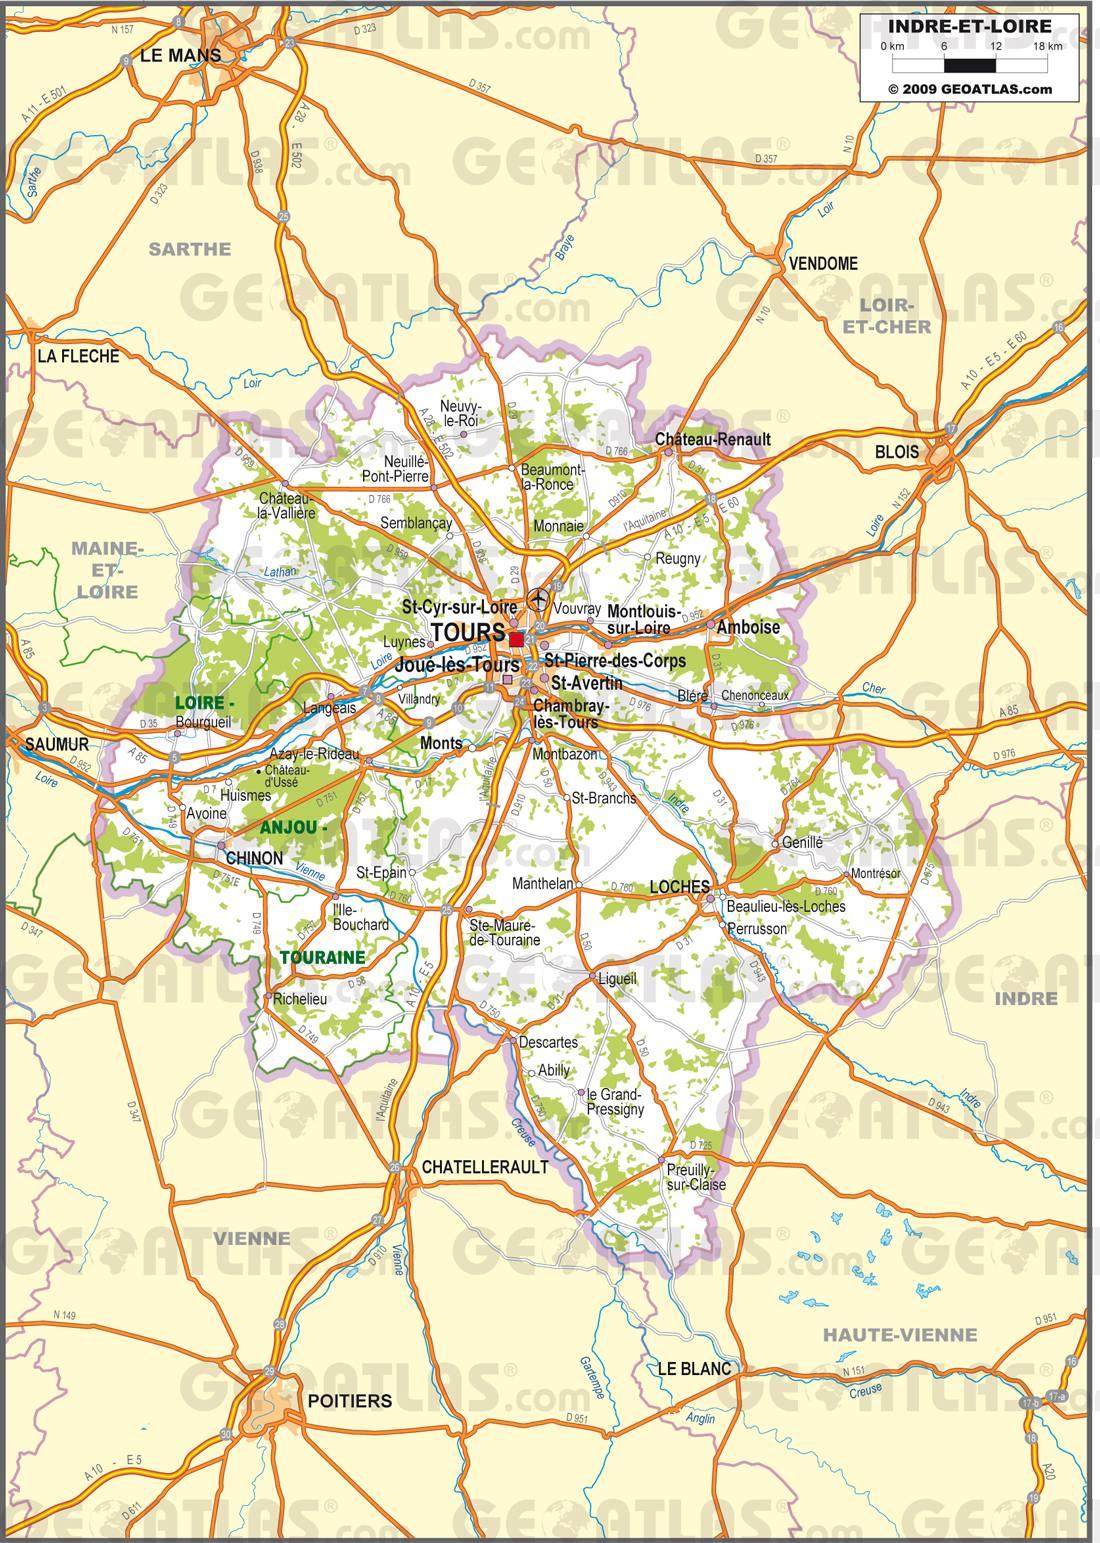 Carte routière de l'Indre-et-Loire